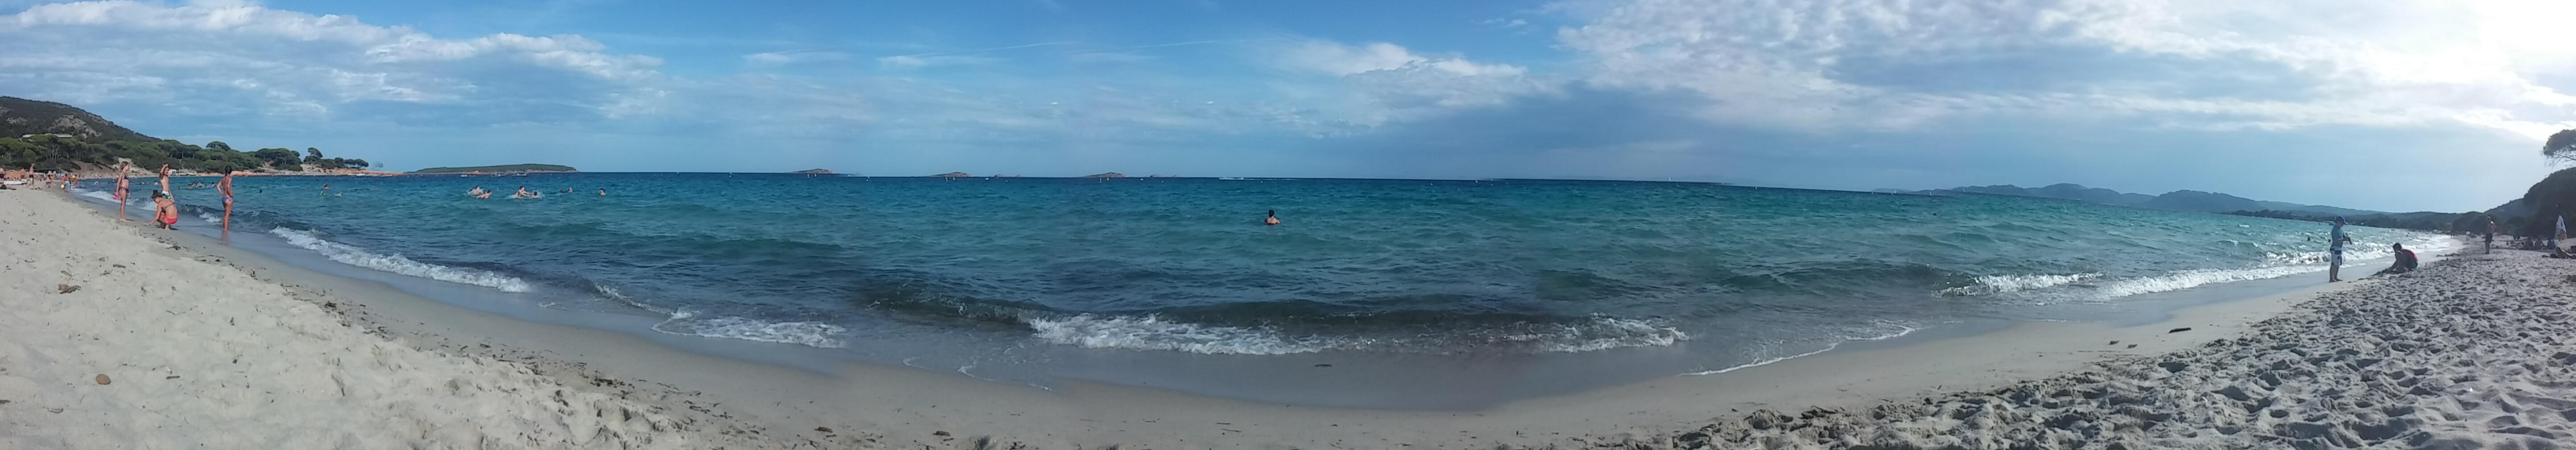 playa-palombaggia-corcega-panoramica